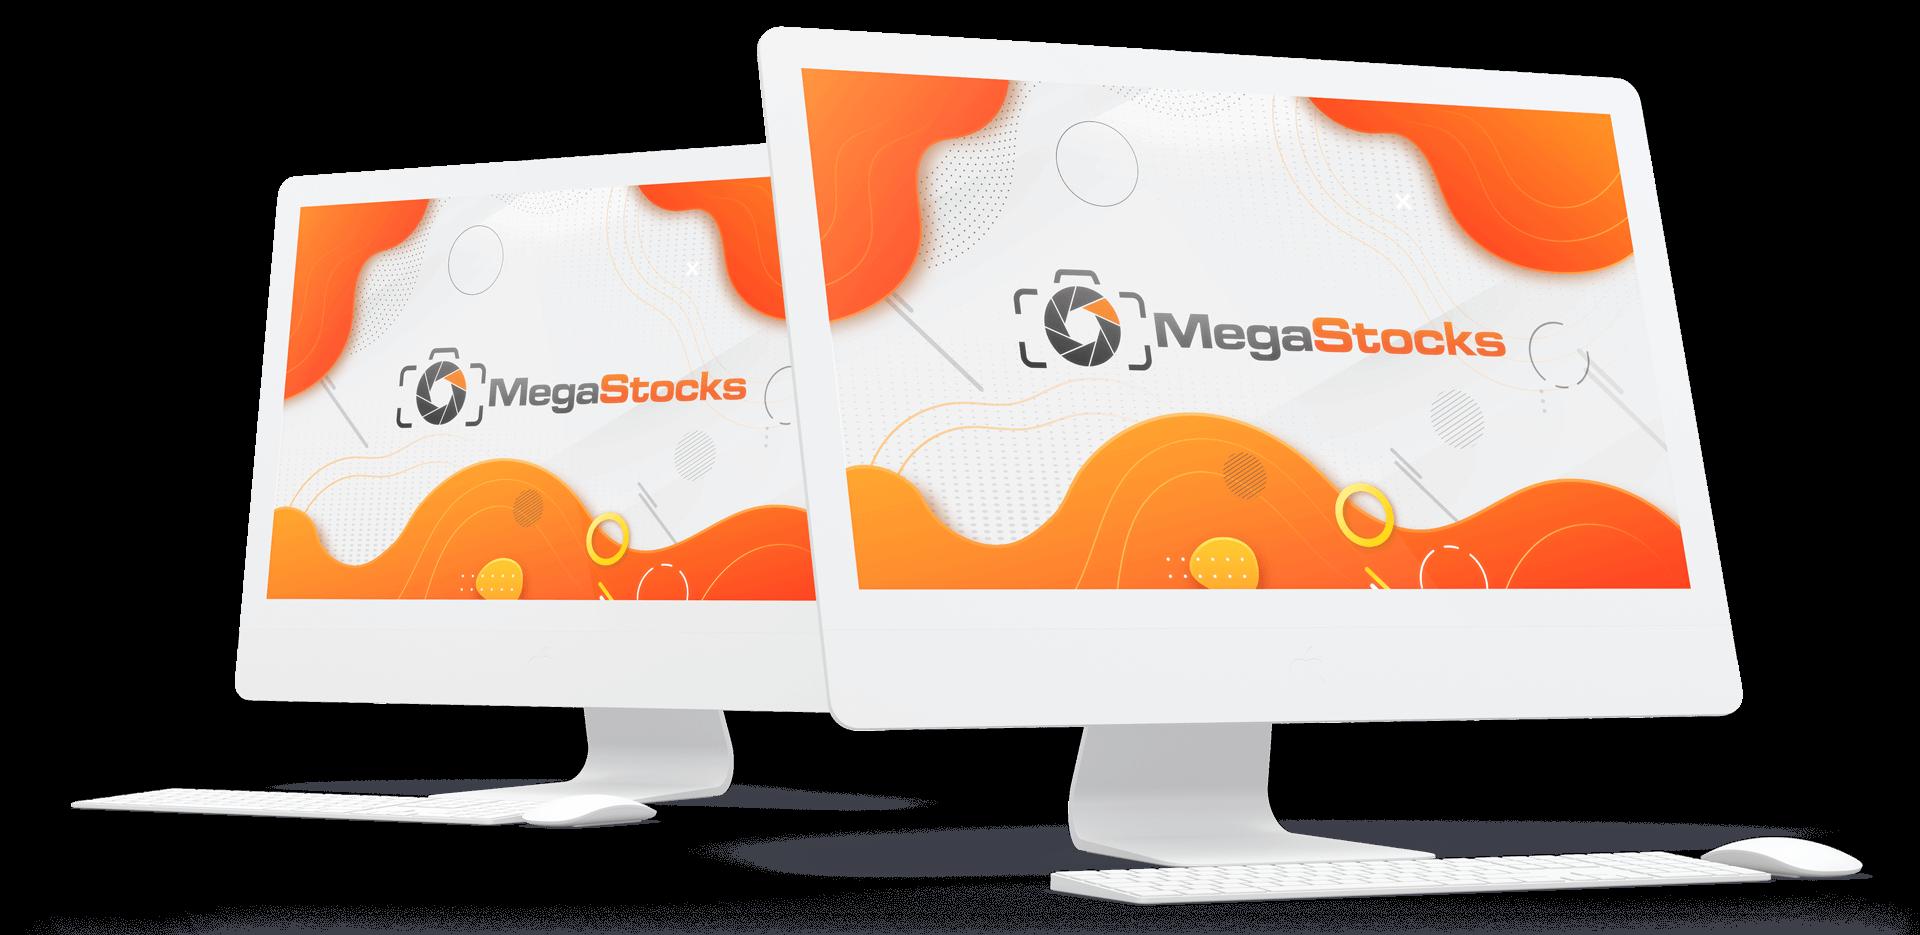 MegaStocks